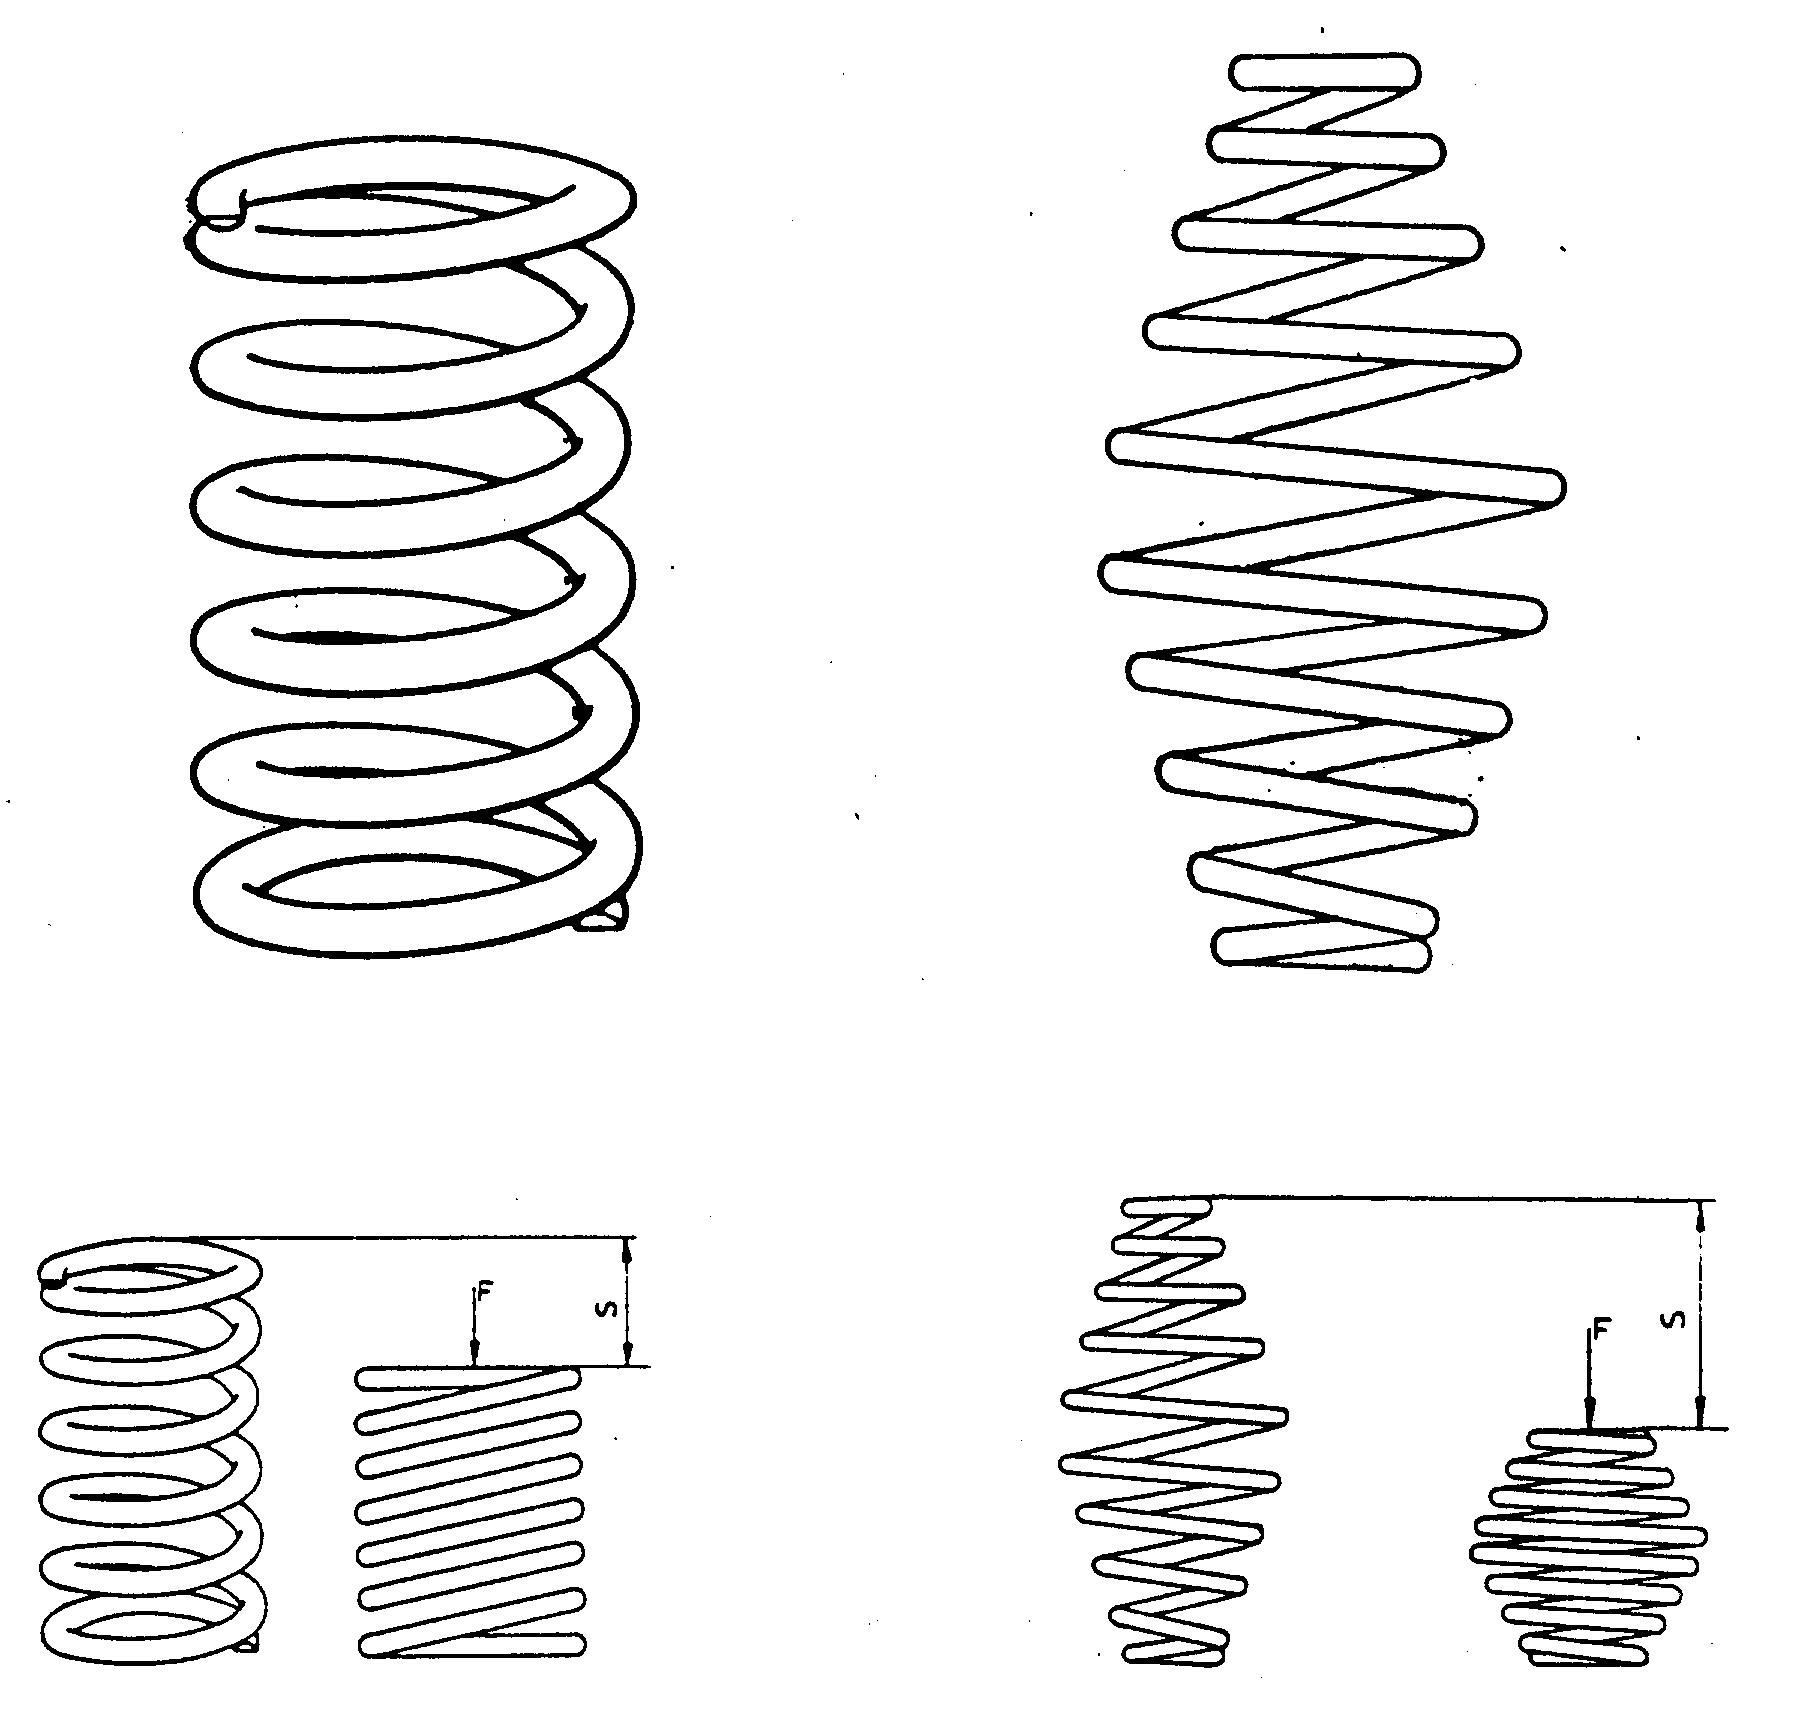 ILMU TEKNIK : Mau Membuat Mesin? Ini dia Materi Elemen Mesinnya, LENGKAP !!!